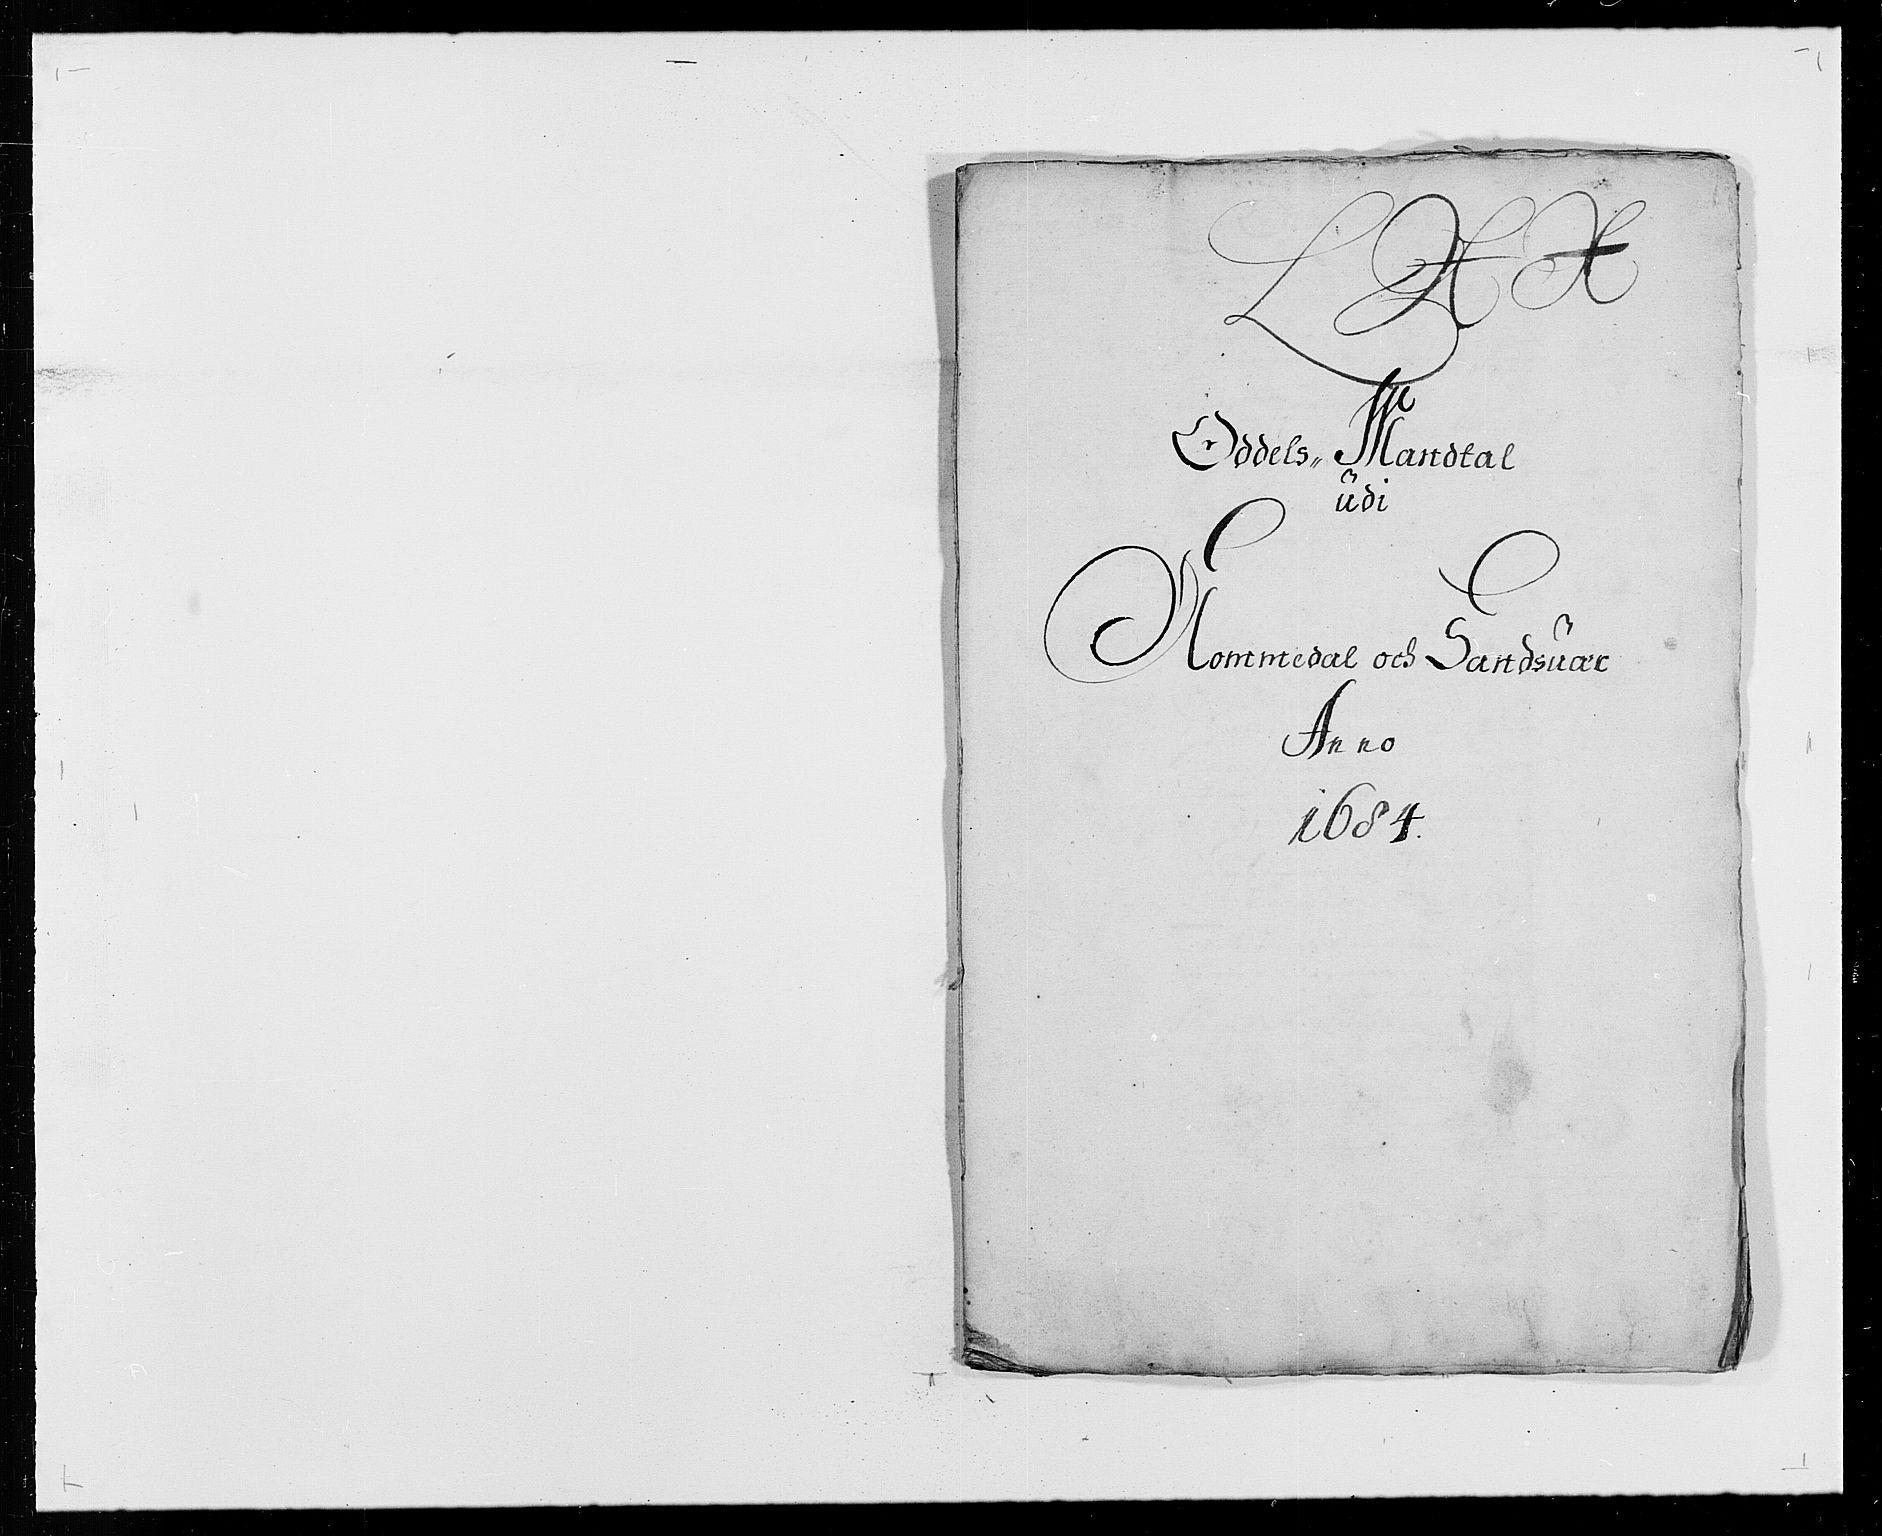 RA, Rentekammeret inntil 1814, Reviderte regnskaper, Fogderegnskap, R24/L1571: Fogderegnskap Numedal og Sandsvær, 1679-1686, s. 191